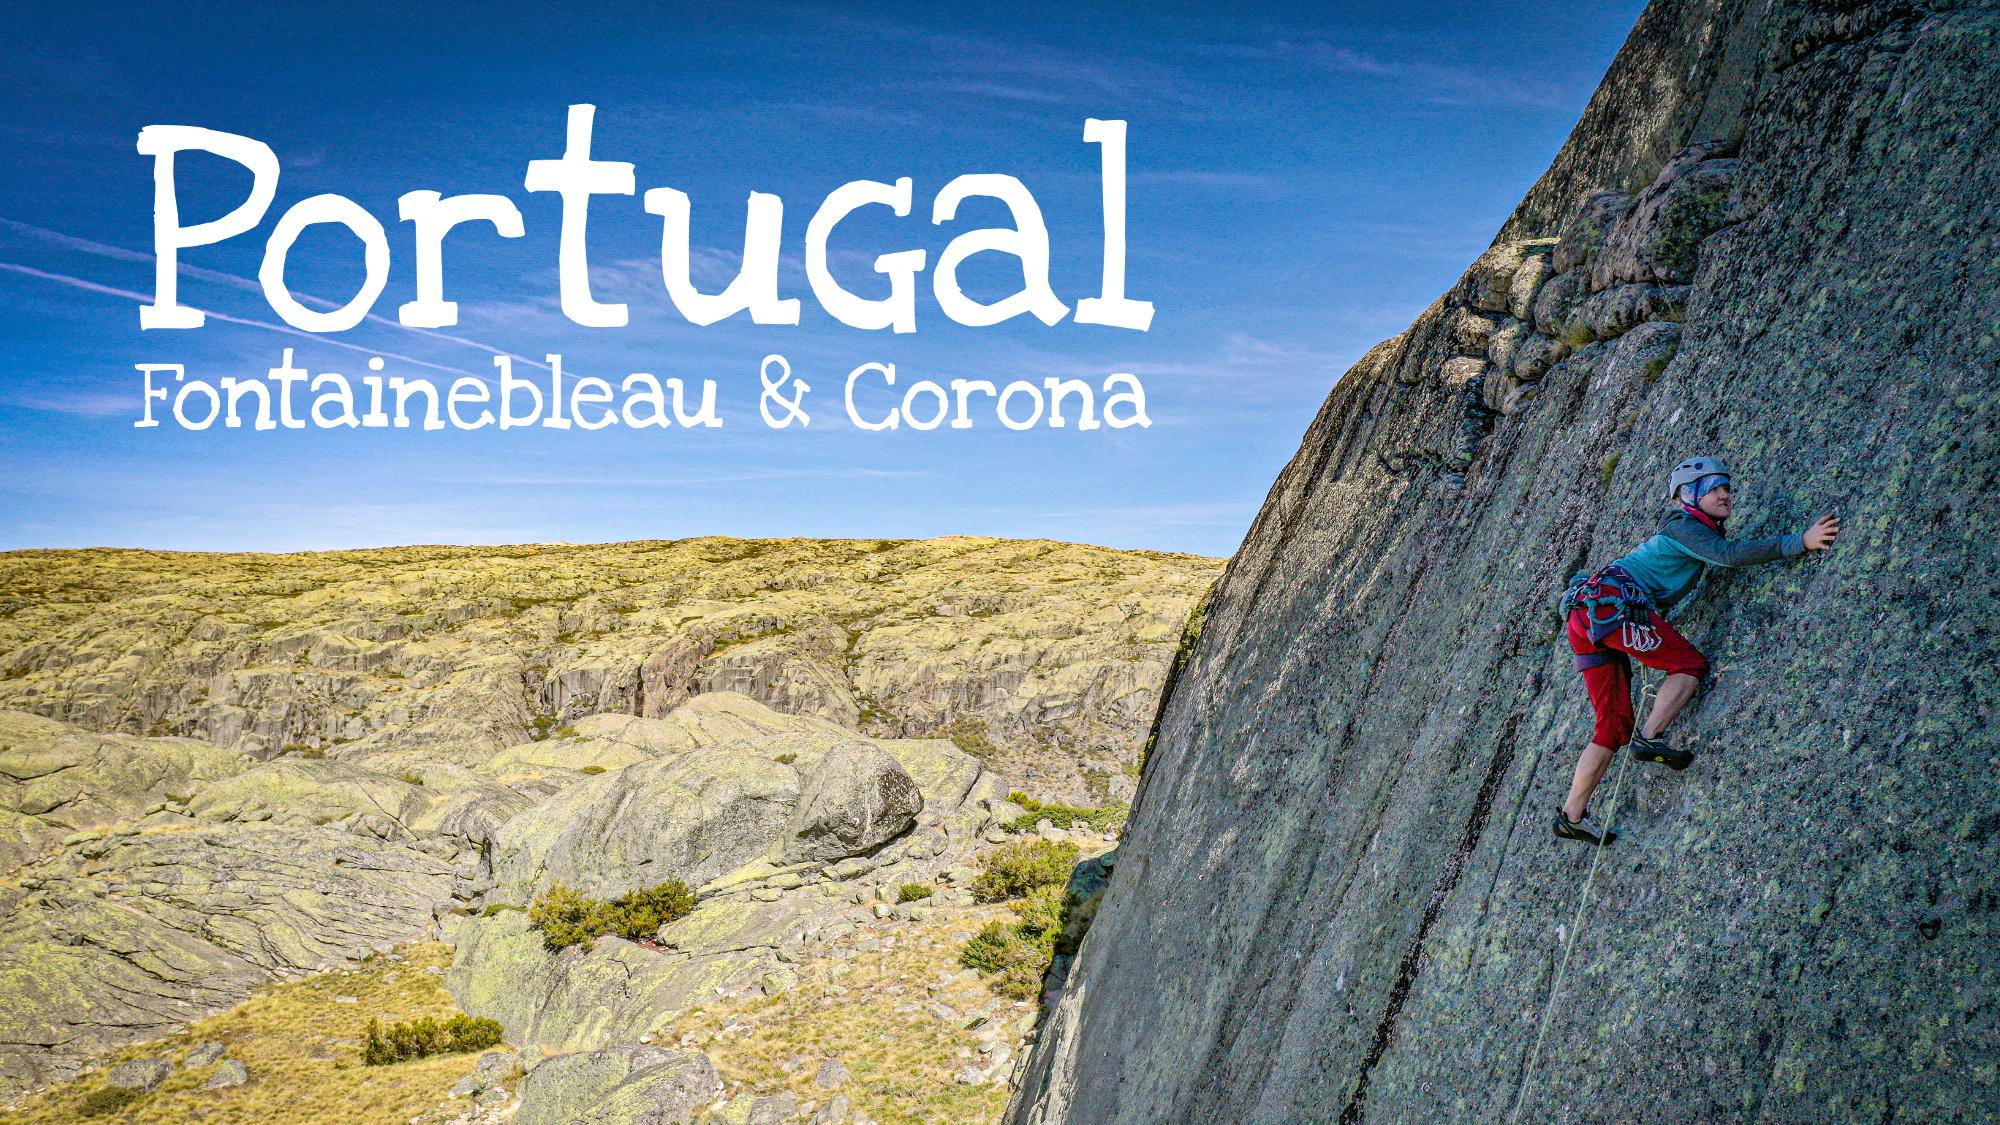 Portugal, Fontainebleau & Corona